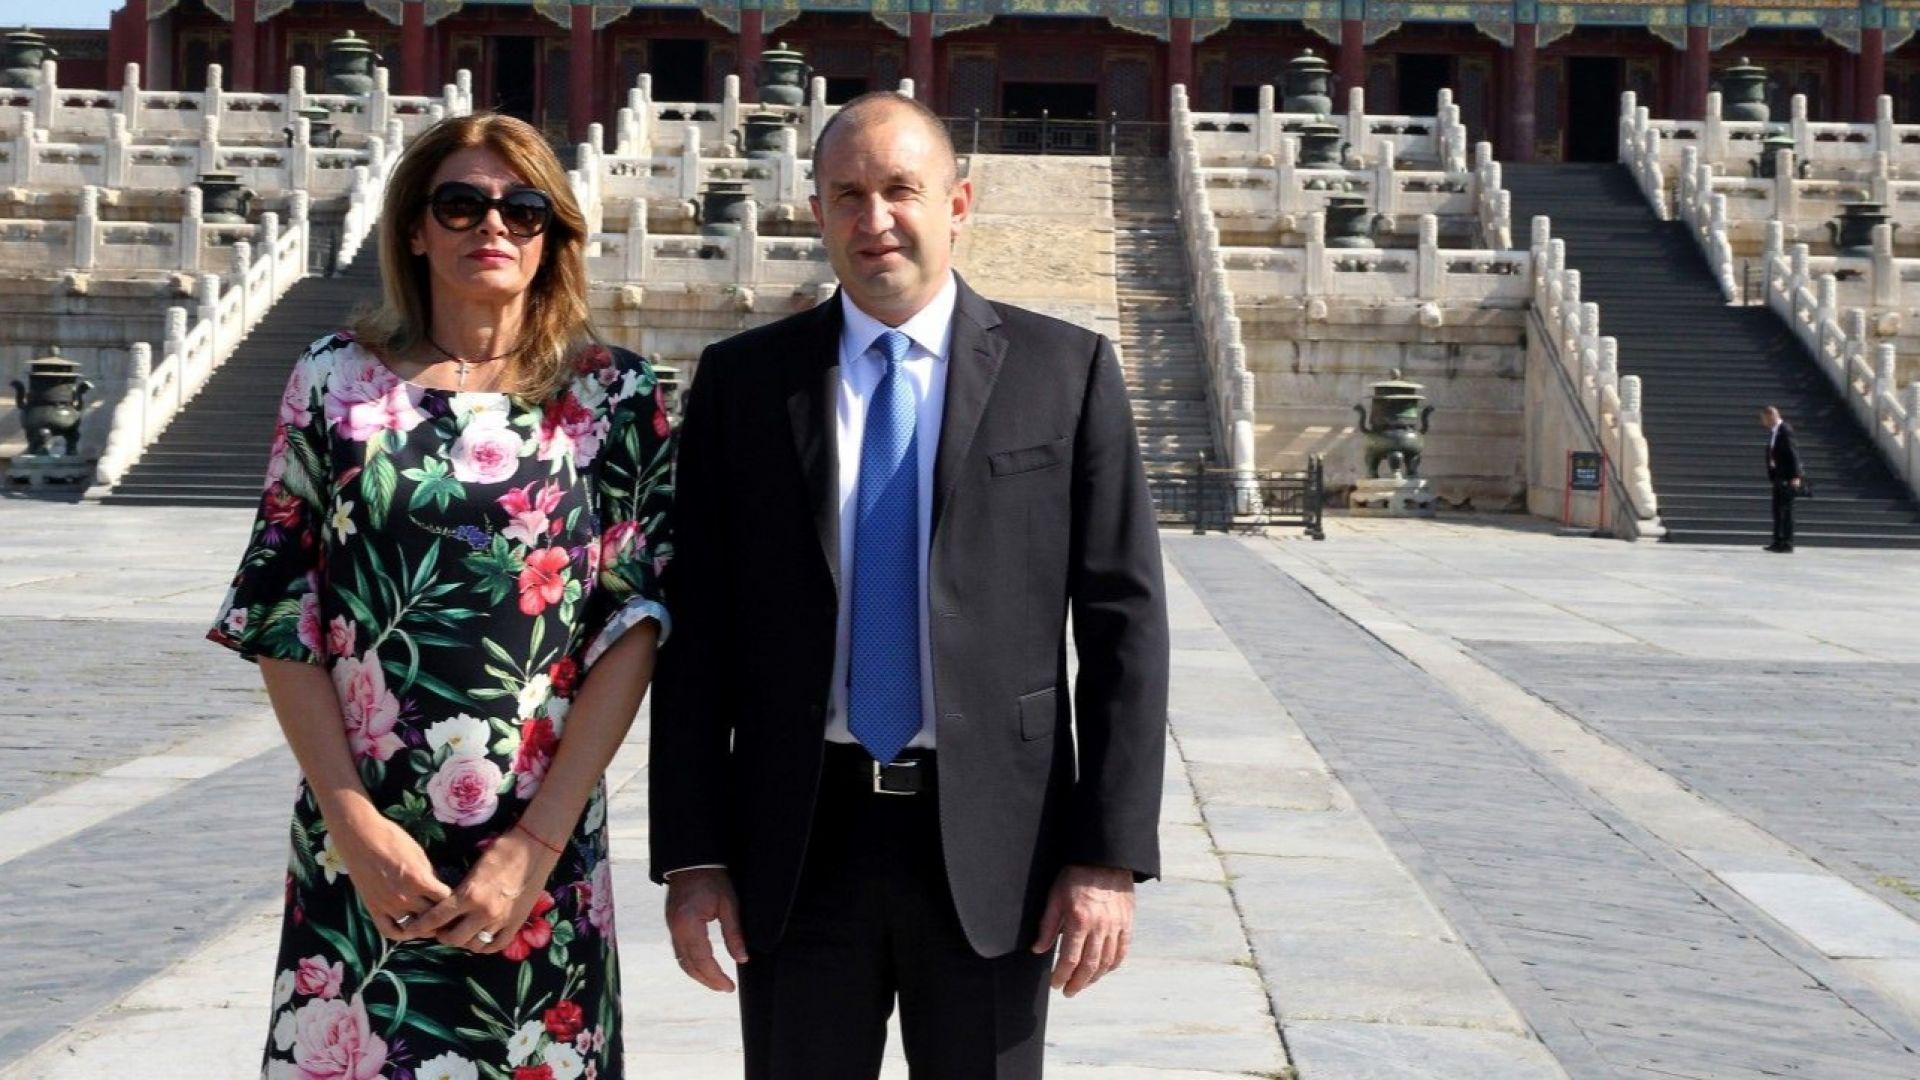 123 хил. лв. от заплати получил президентът през 2018 г., за Борисов 83 хил.